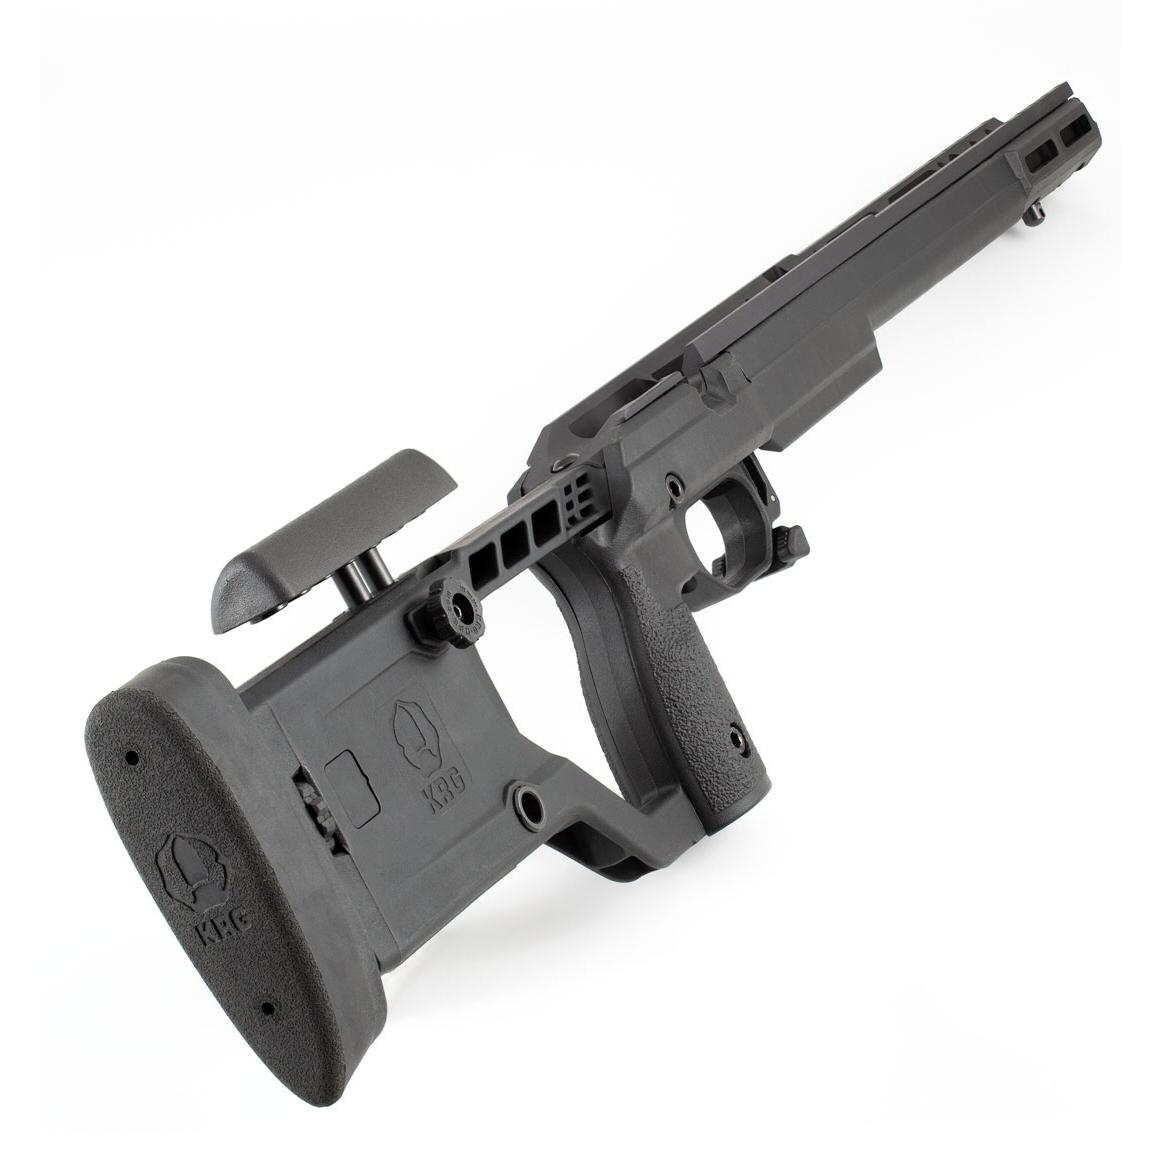 KRG X-Ray Rifle Chassis Tikka T3 Black